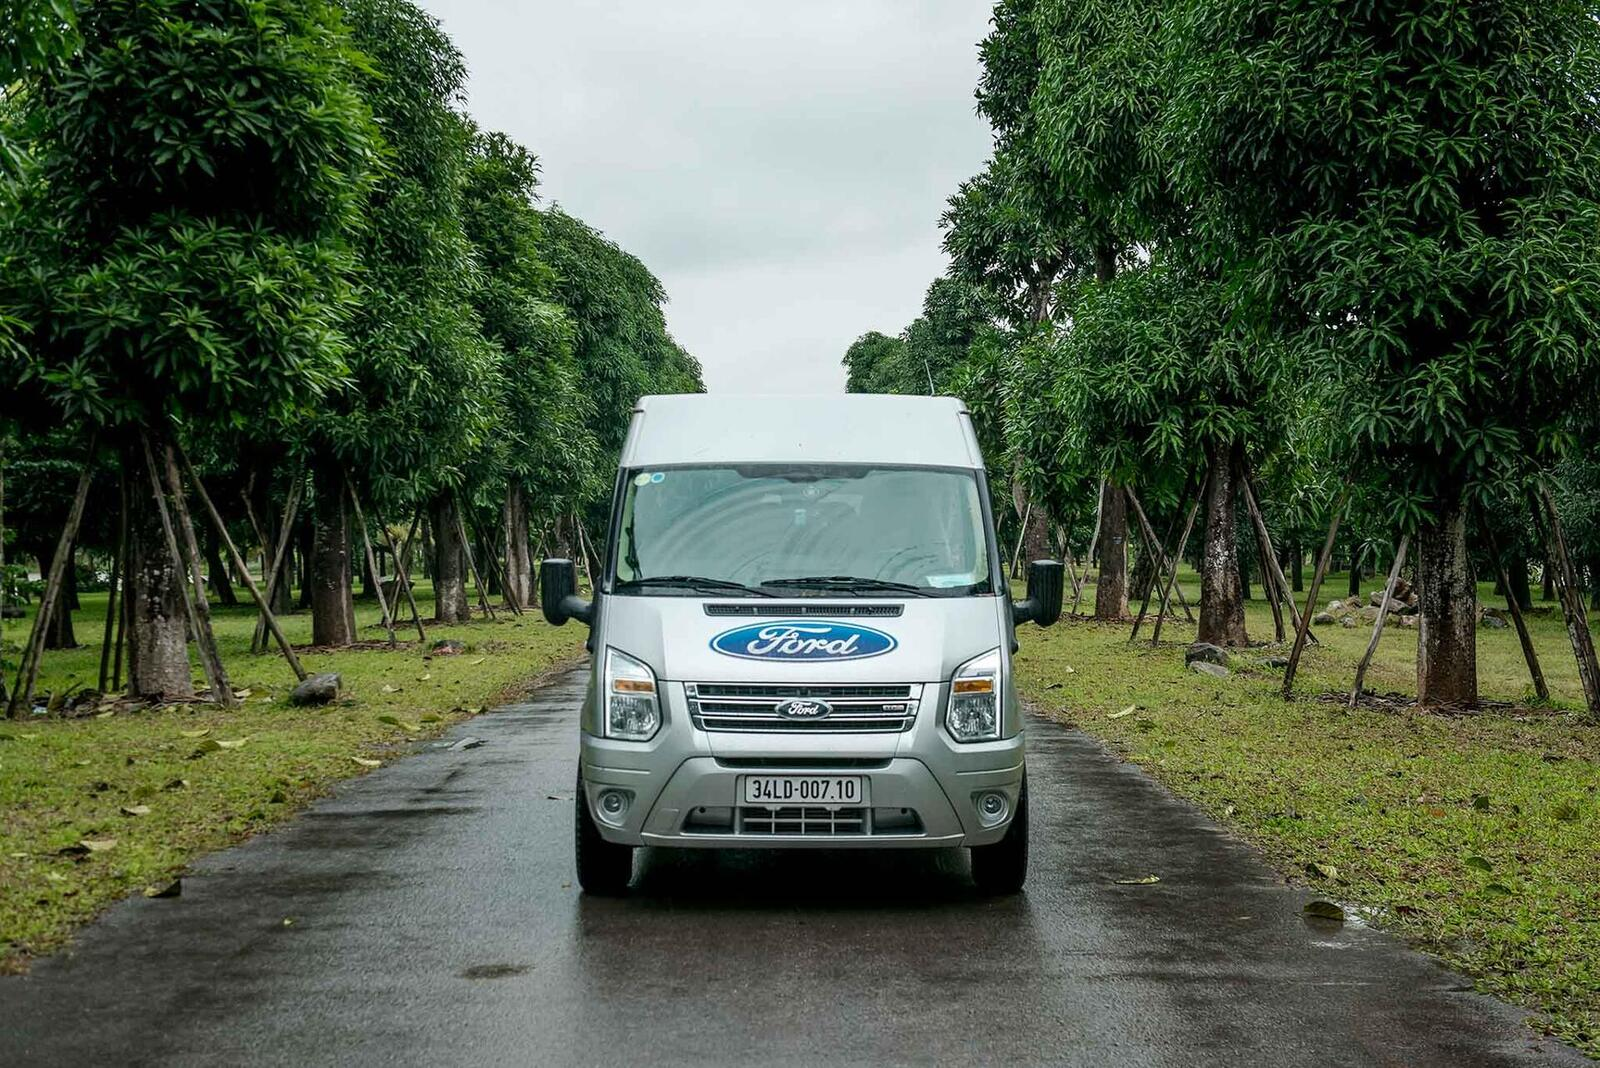 Ưu điểm của Ford Transit mang lại lợi thế cho doanh nghiệp vận tải - Hình 5